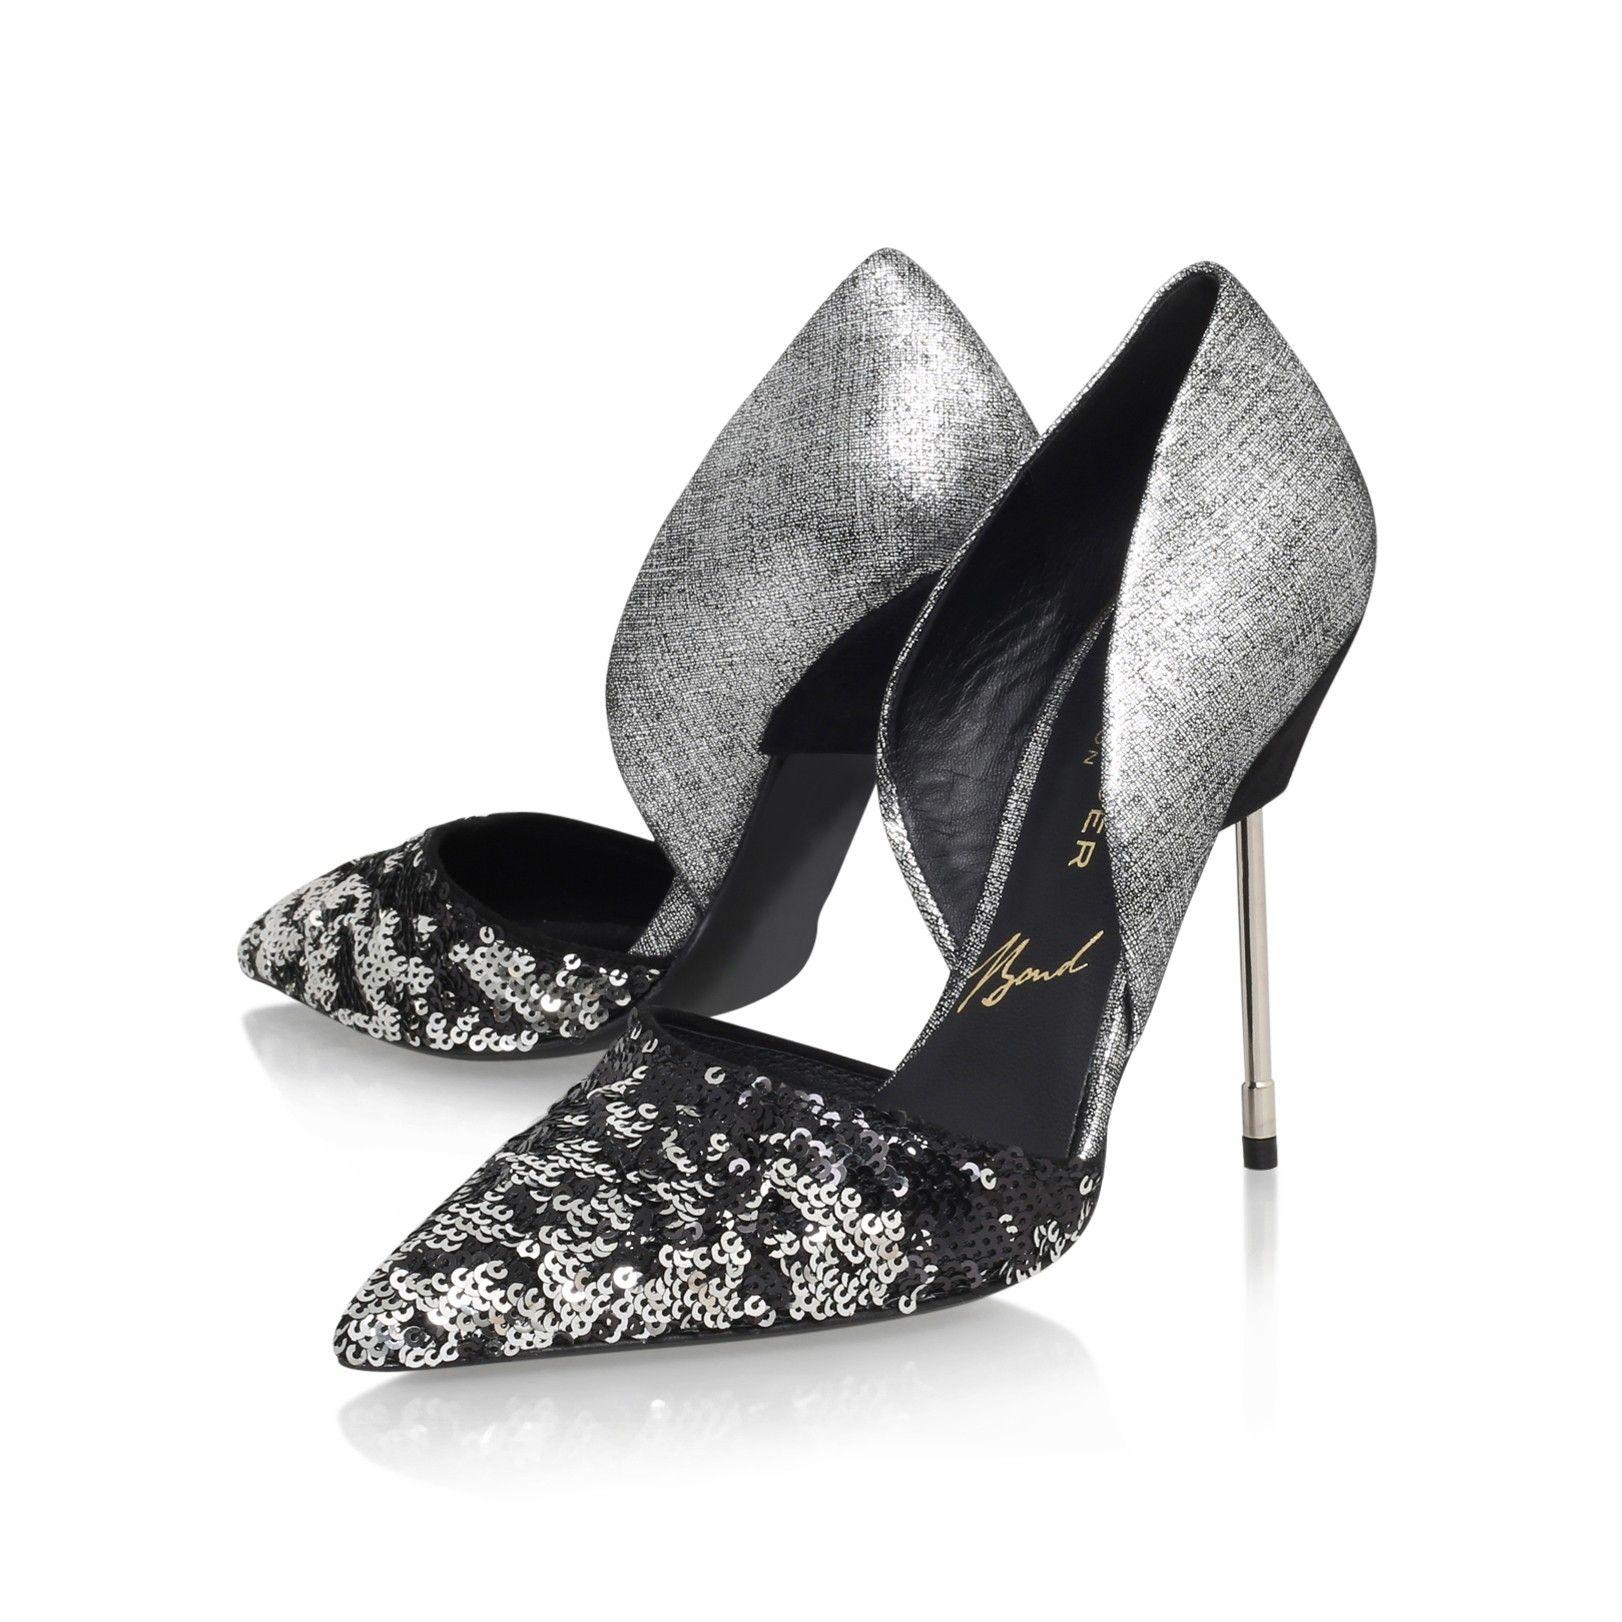 bond black high heel court shoes from Kurt Geiger London